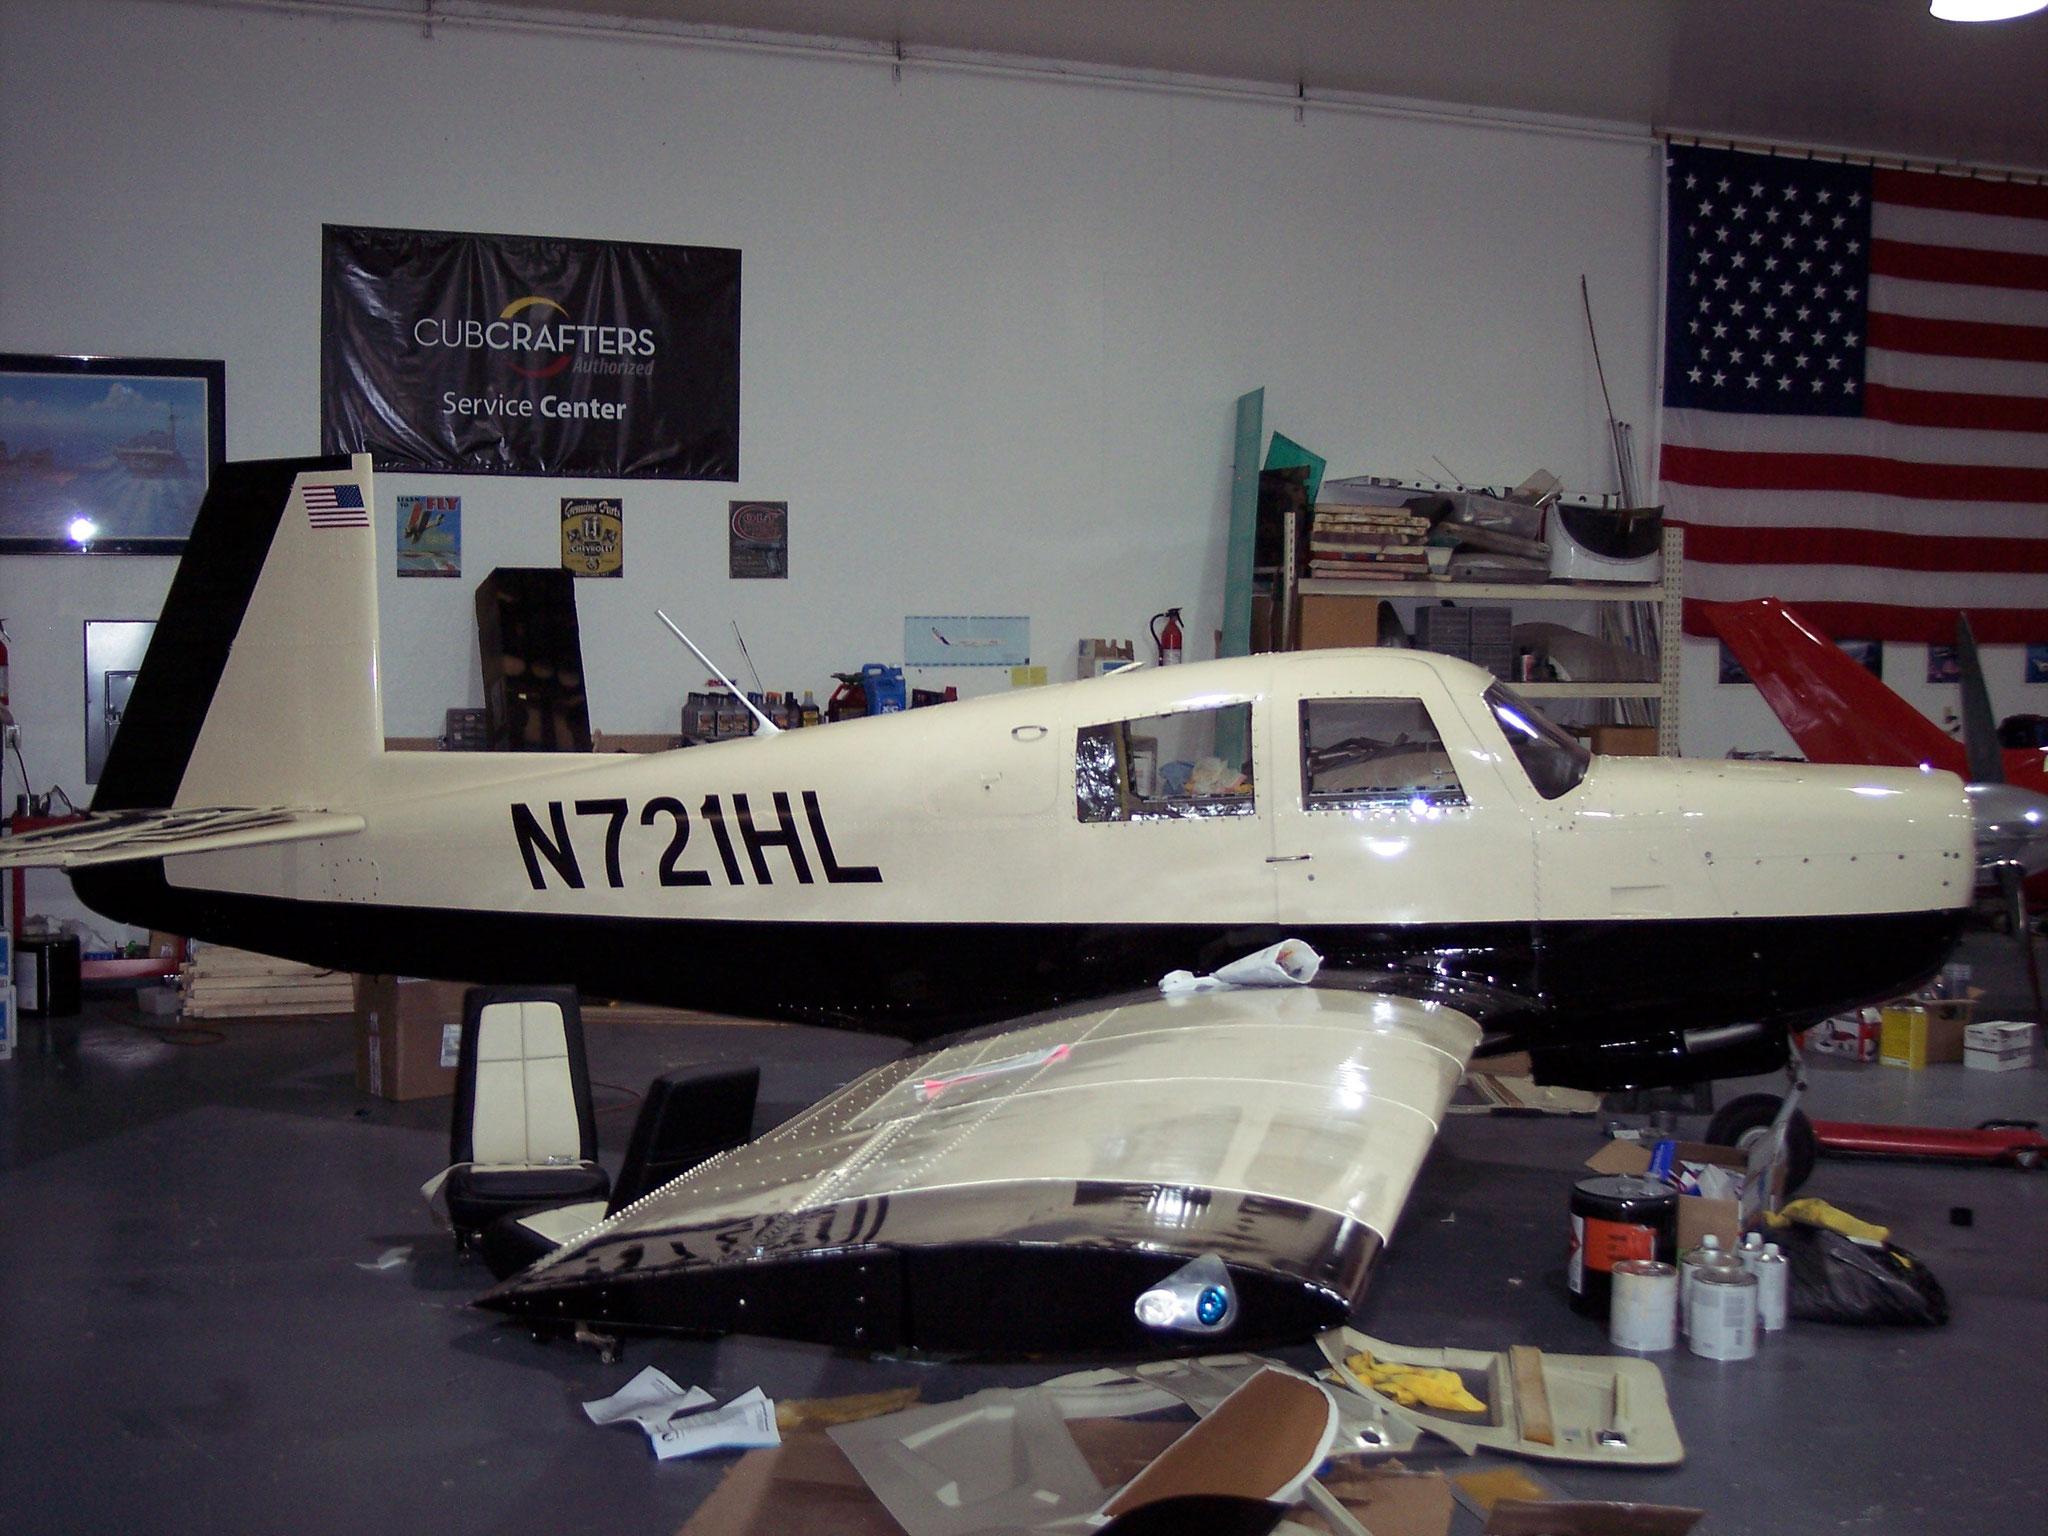 1970 M20E Mooney Restoration - After